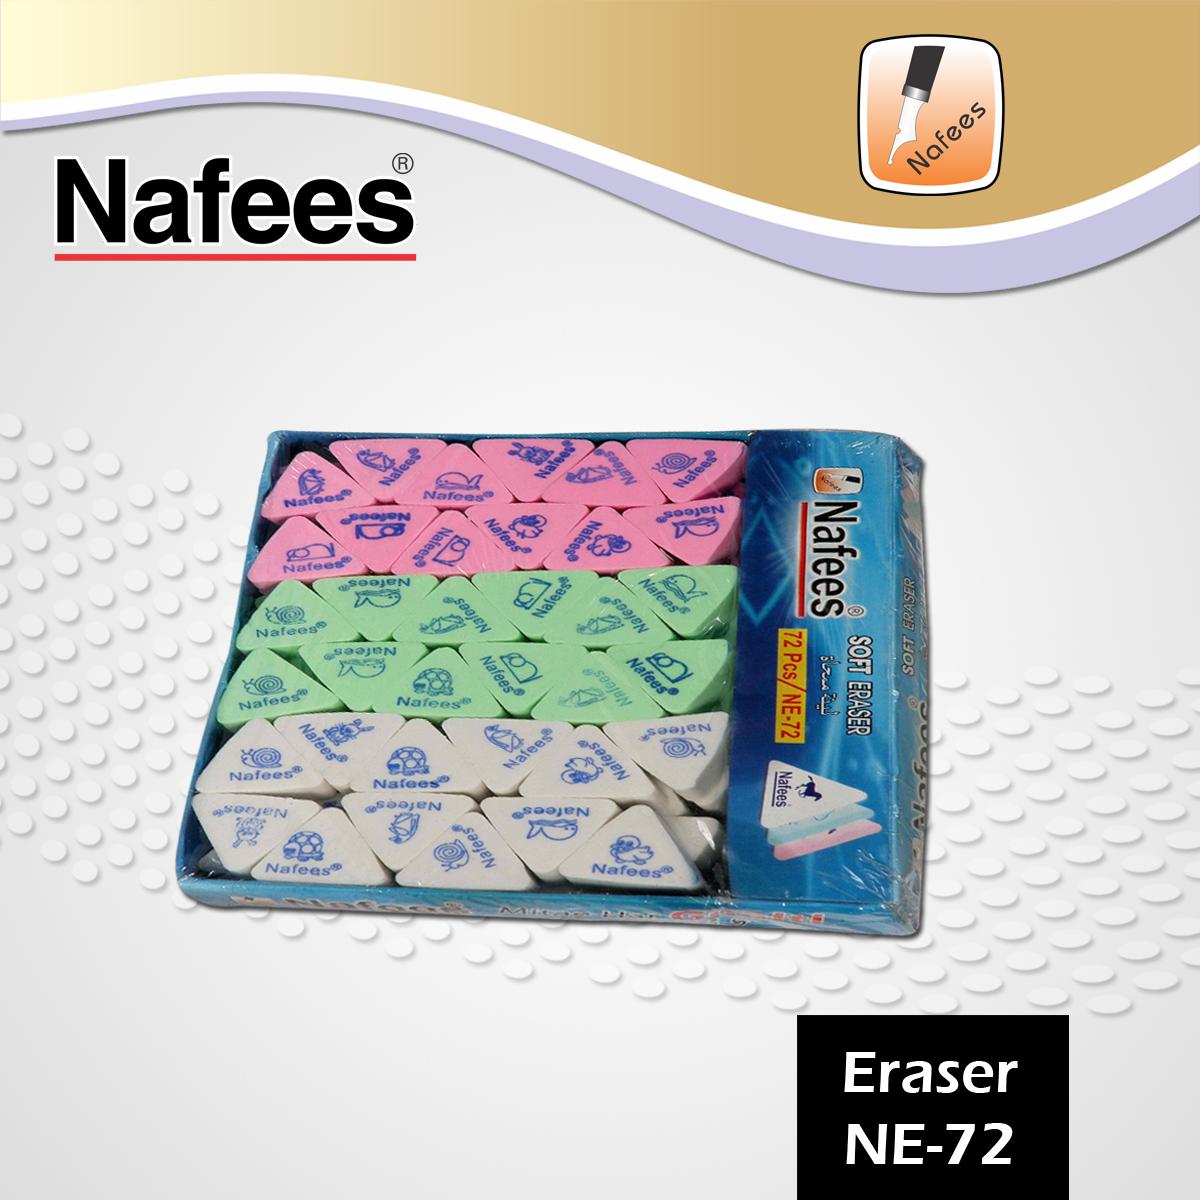 NE-72 Eraser